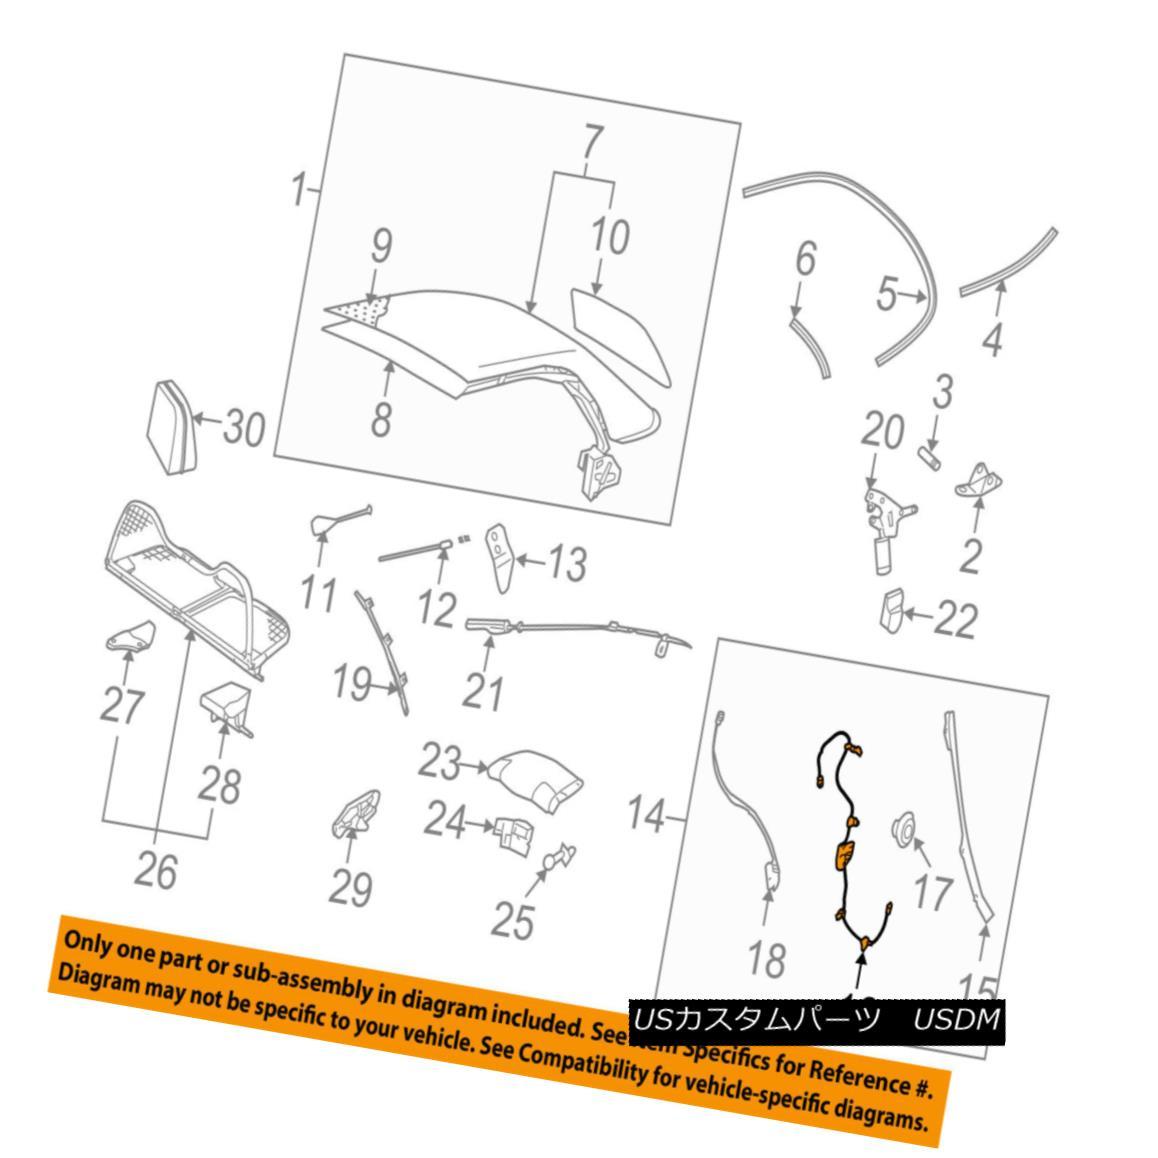 幌・ソフトトップ VW VOLKSWAGEN OEM Beetle Convertible/soft Top-Cable & Guide Left 1Y0871341B VWフォルクスワーゲンOEMビートルコンバーチブル/ so ftトップケーブル& ガイド1Y0871341B